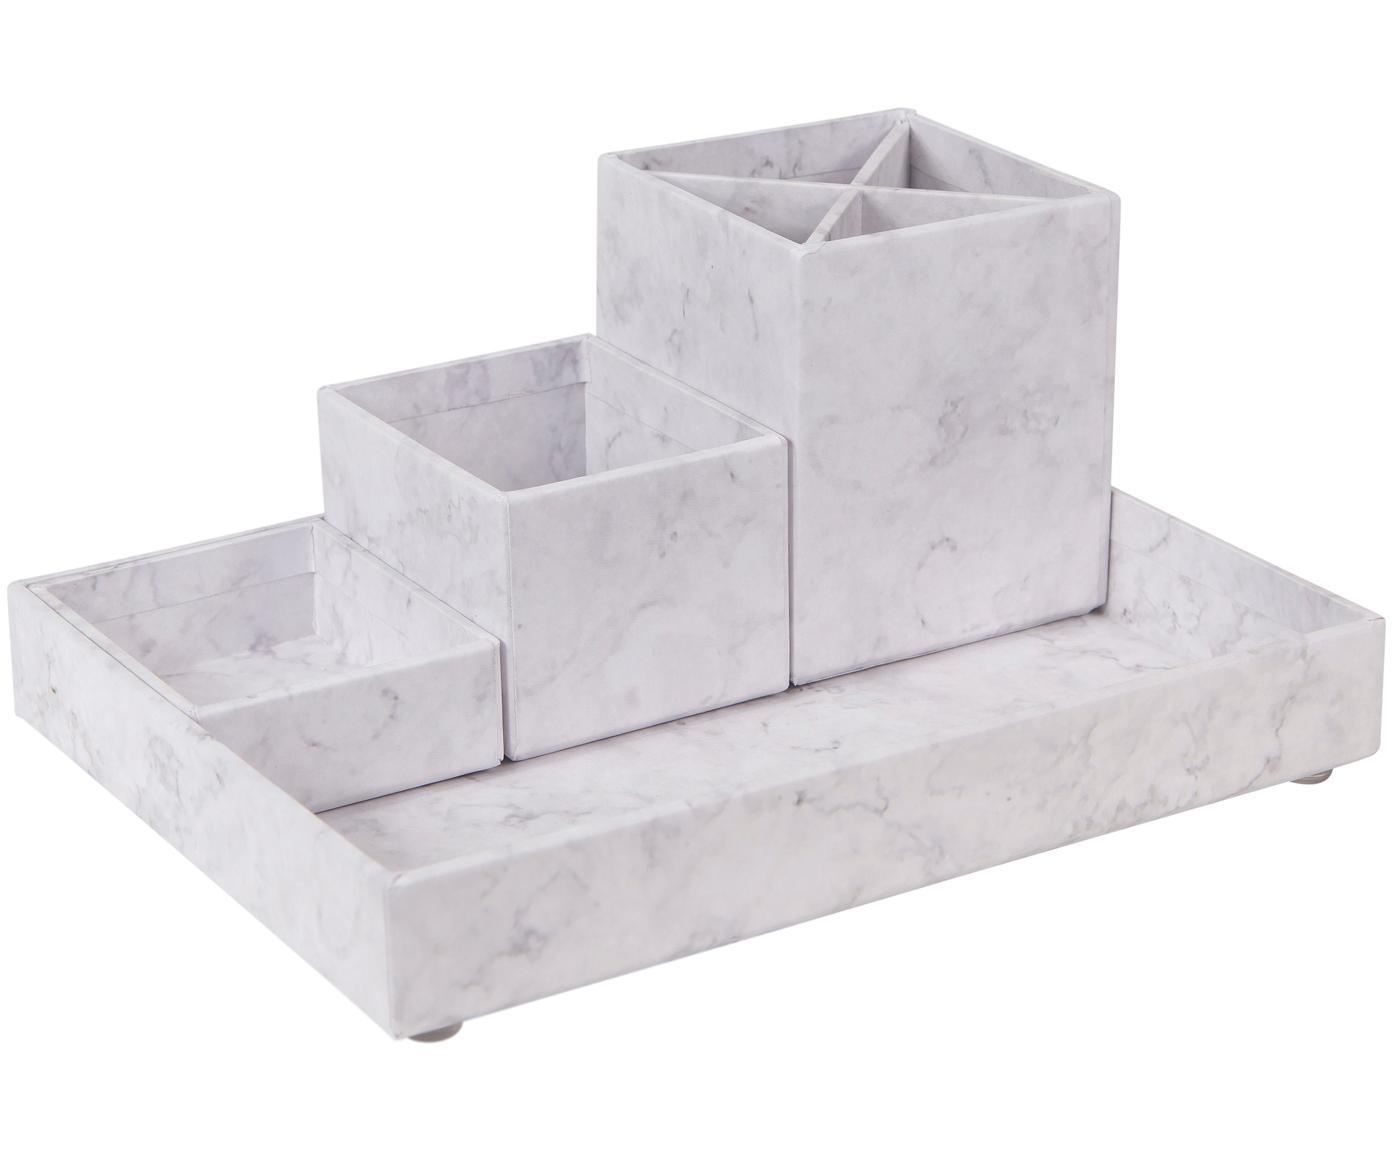 Komplet organizerów biurowych, 4 elem., Tektura laminowana, Biały, marmurowy, Różne rozmiary